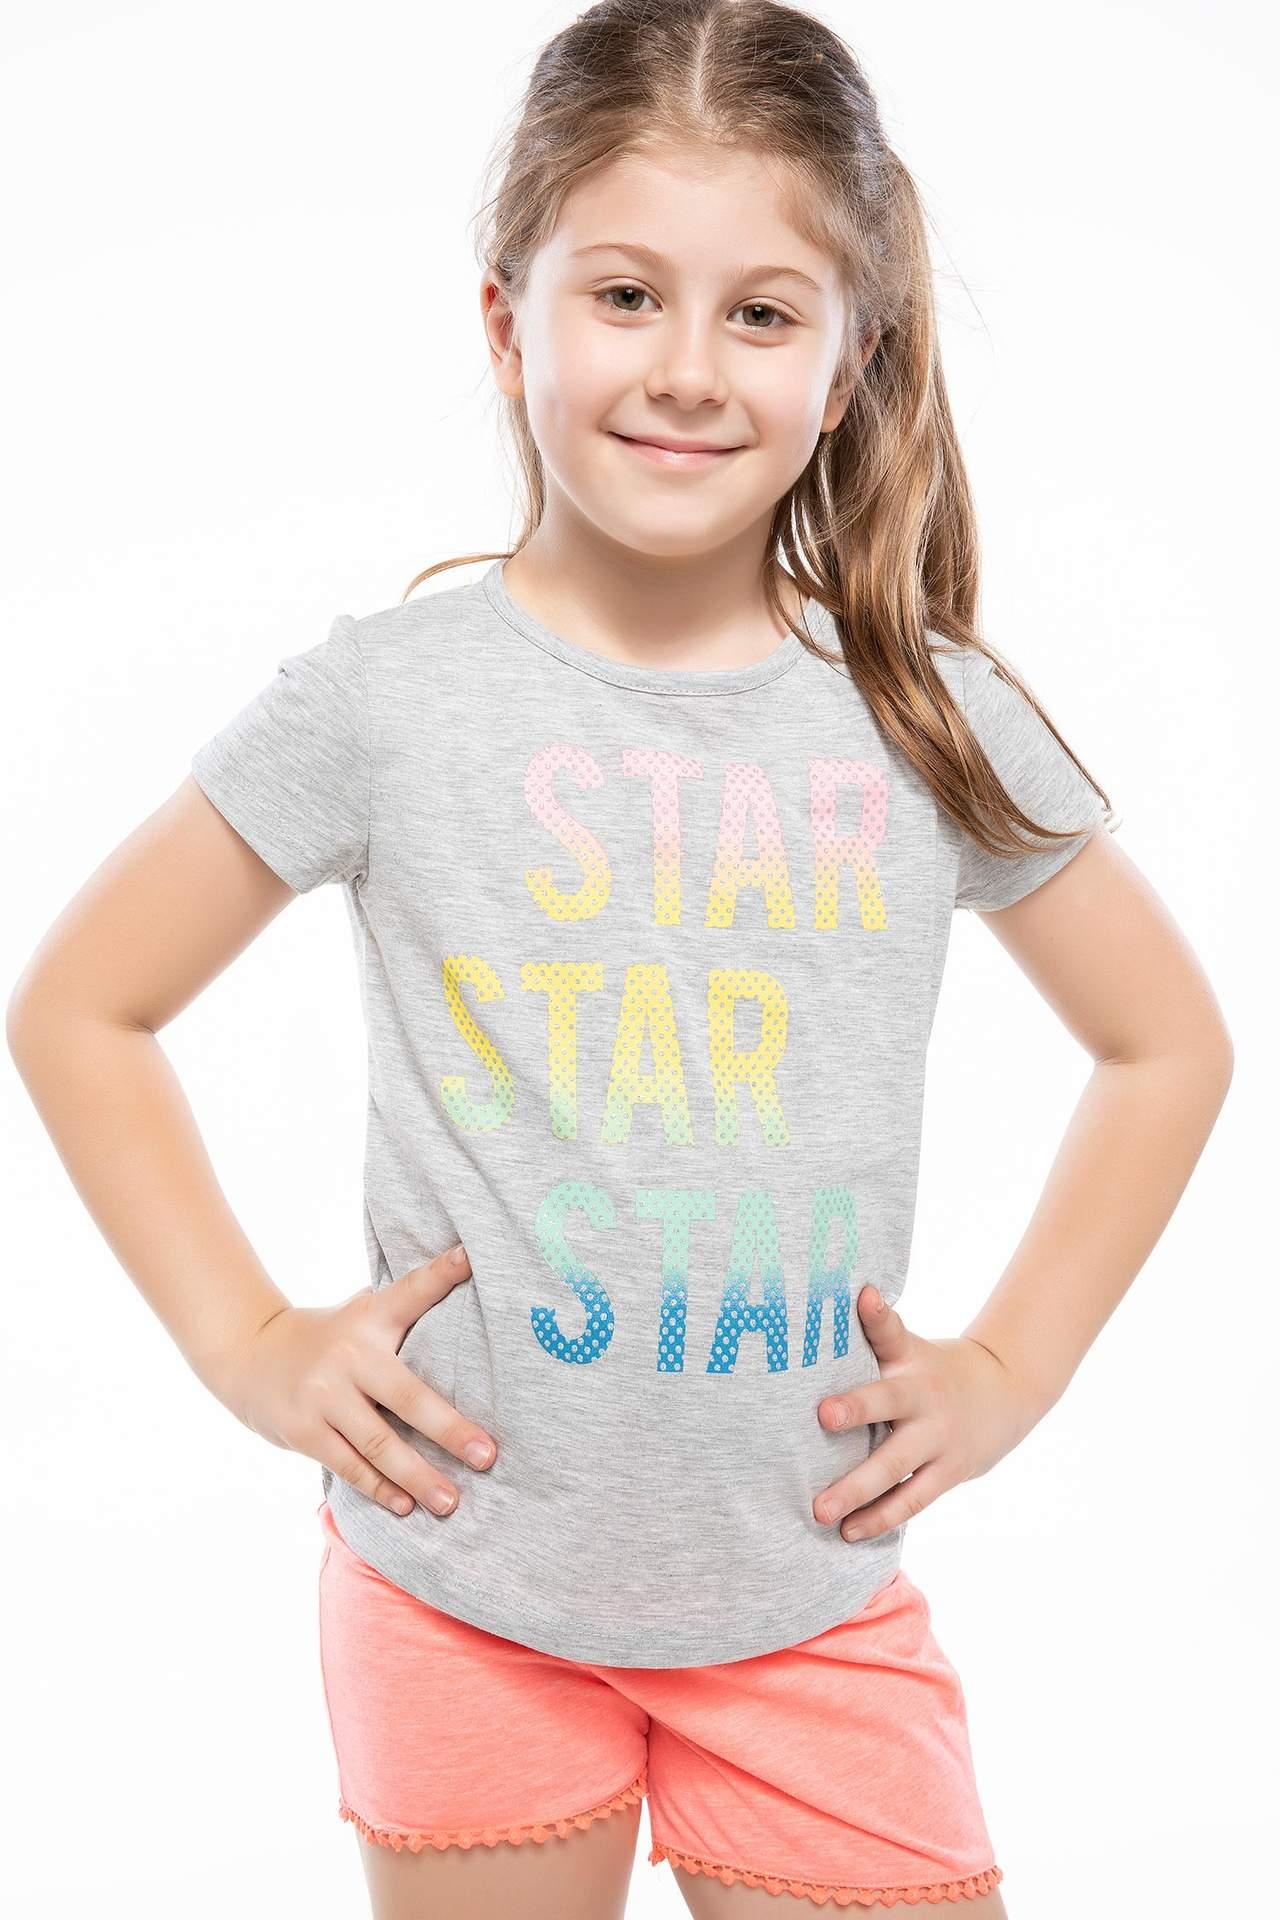 DeFacto Kız Çocuk Yazı Baskılı T-shirt Gri female